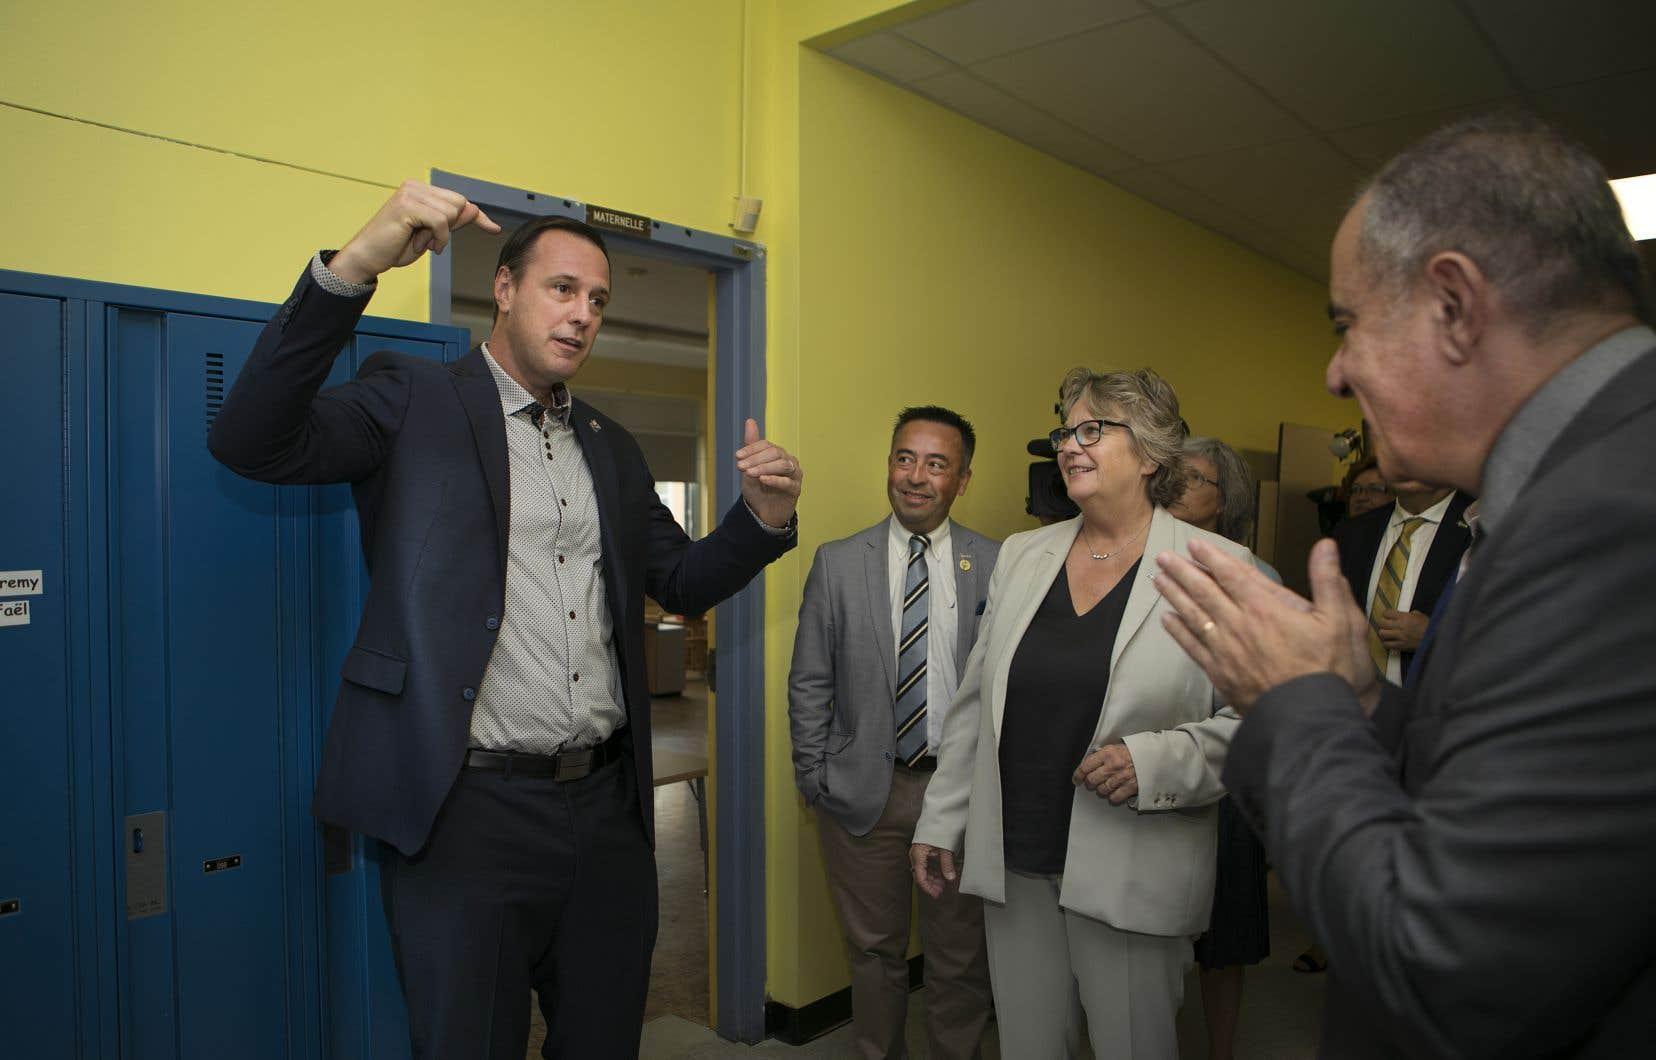 Le ministre de l'Éducation, Jean-François Roberge, a promis de remettre en état 60 % des établissements scolaires à travers la province d'ici 2022.